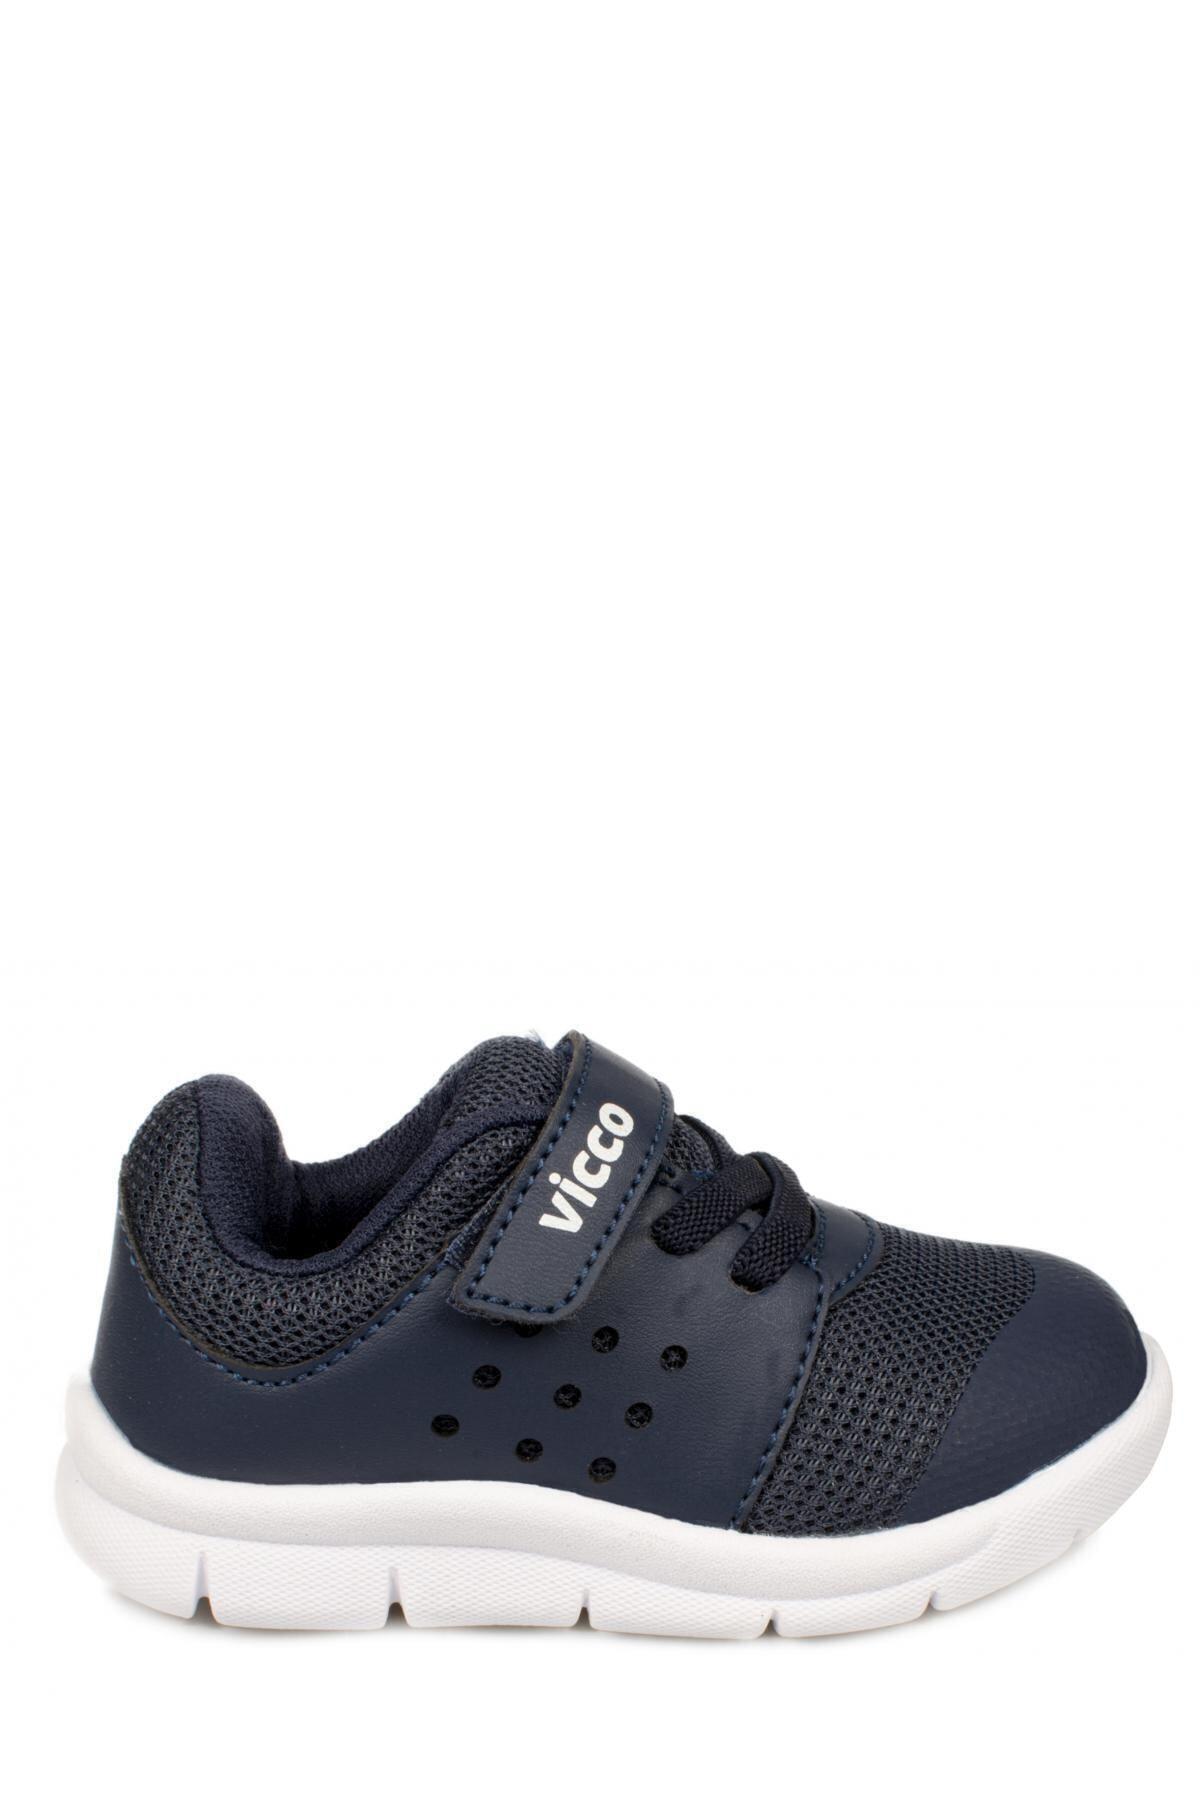 Vicco 346.b20y.200 Çocuk Ilk Adım Spor Ayakkabı 2